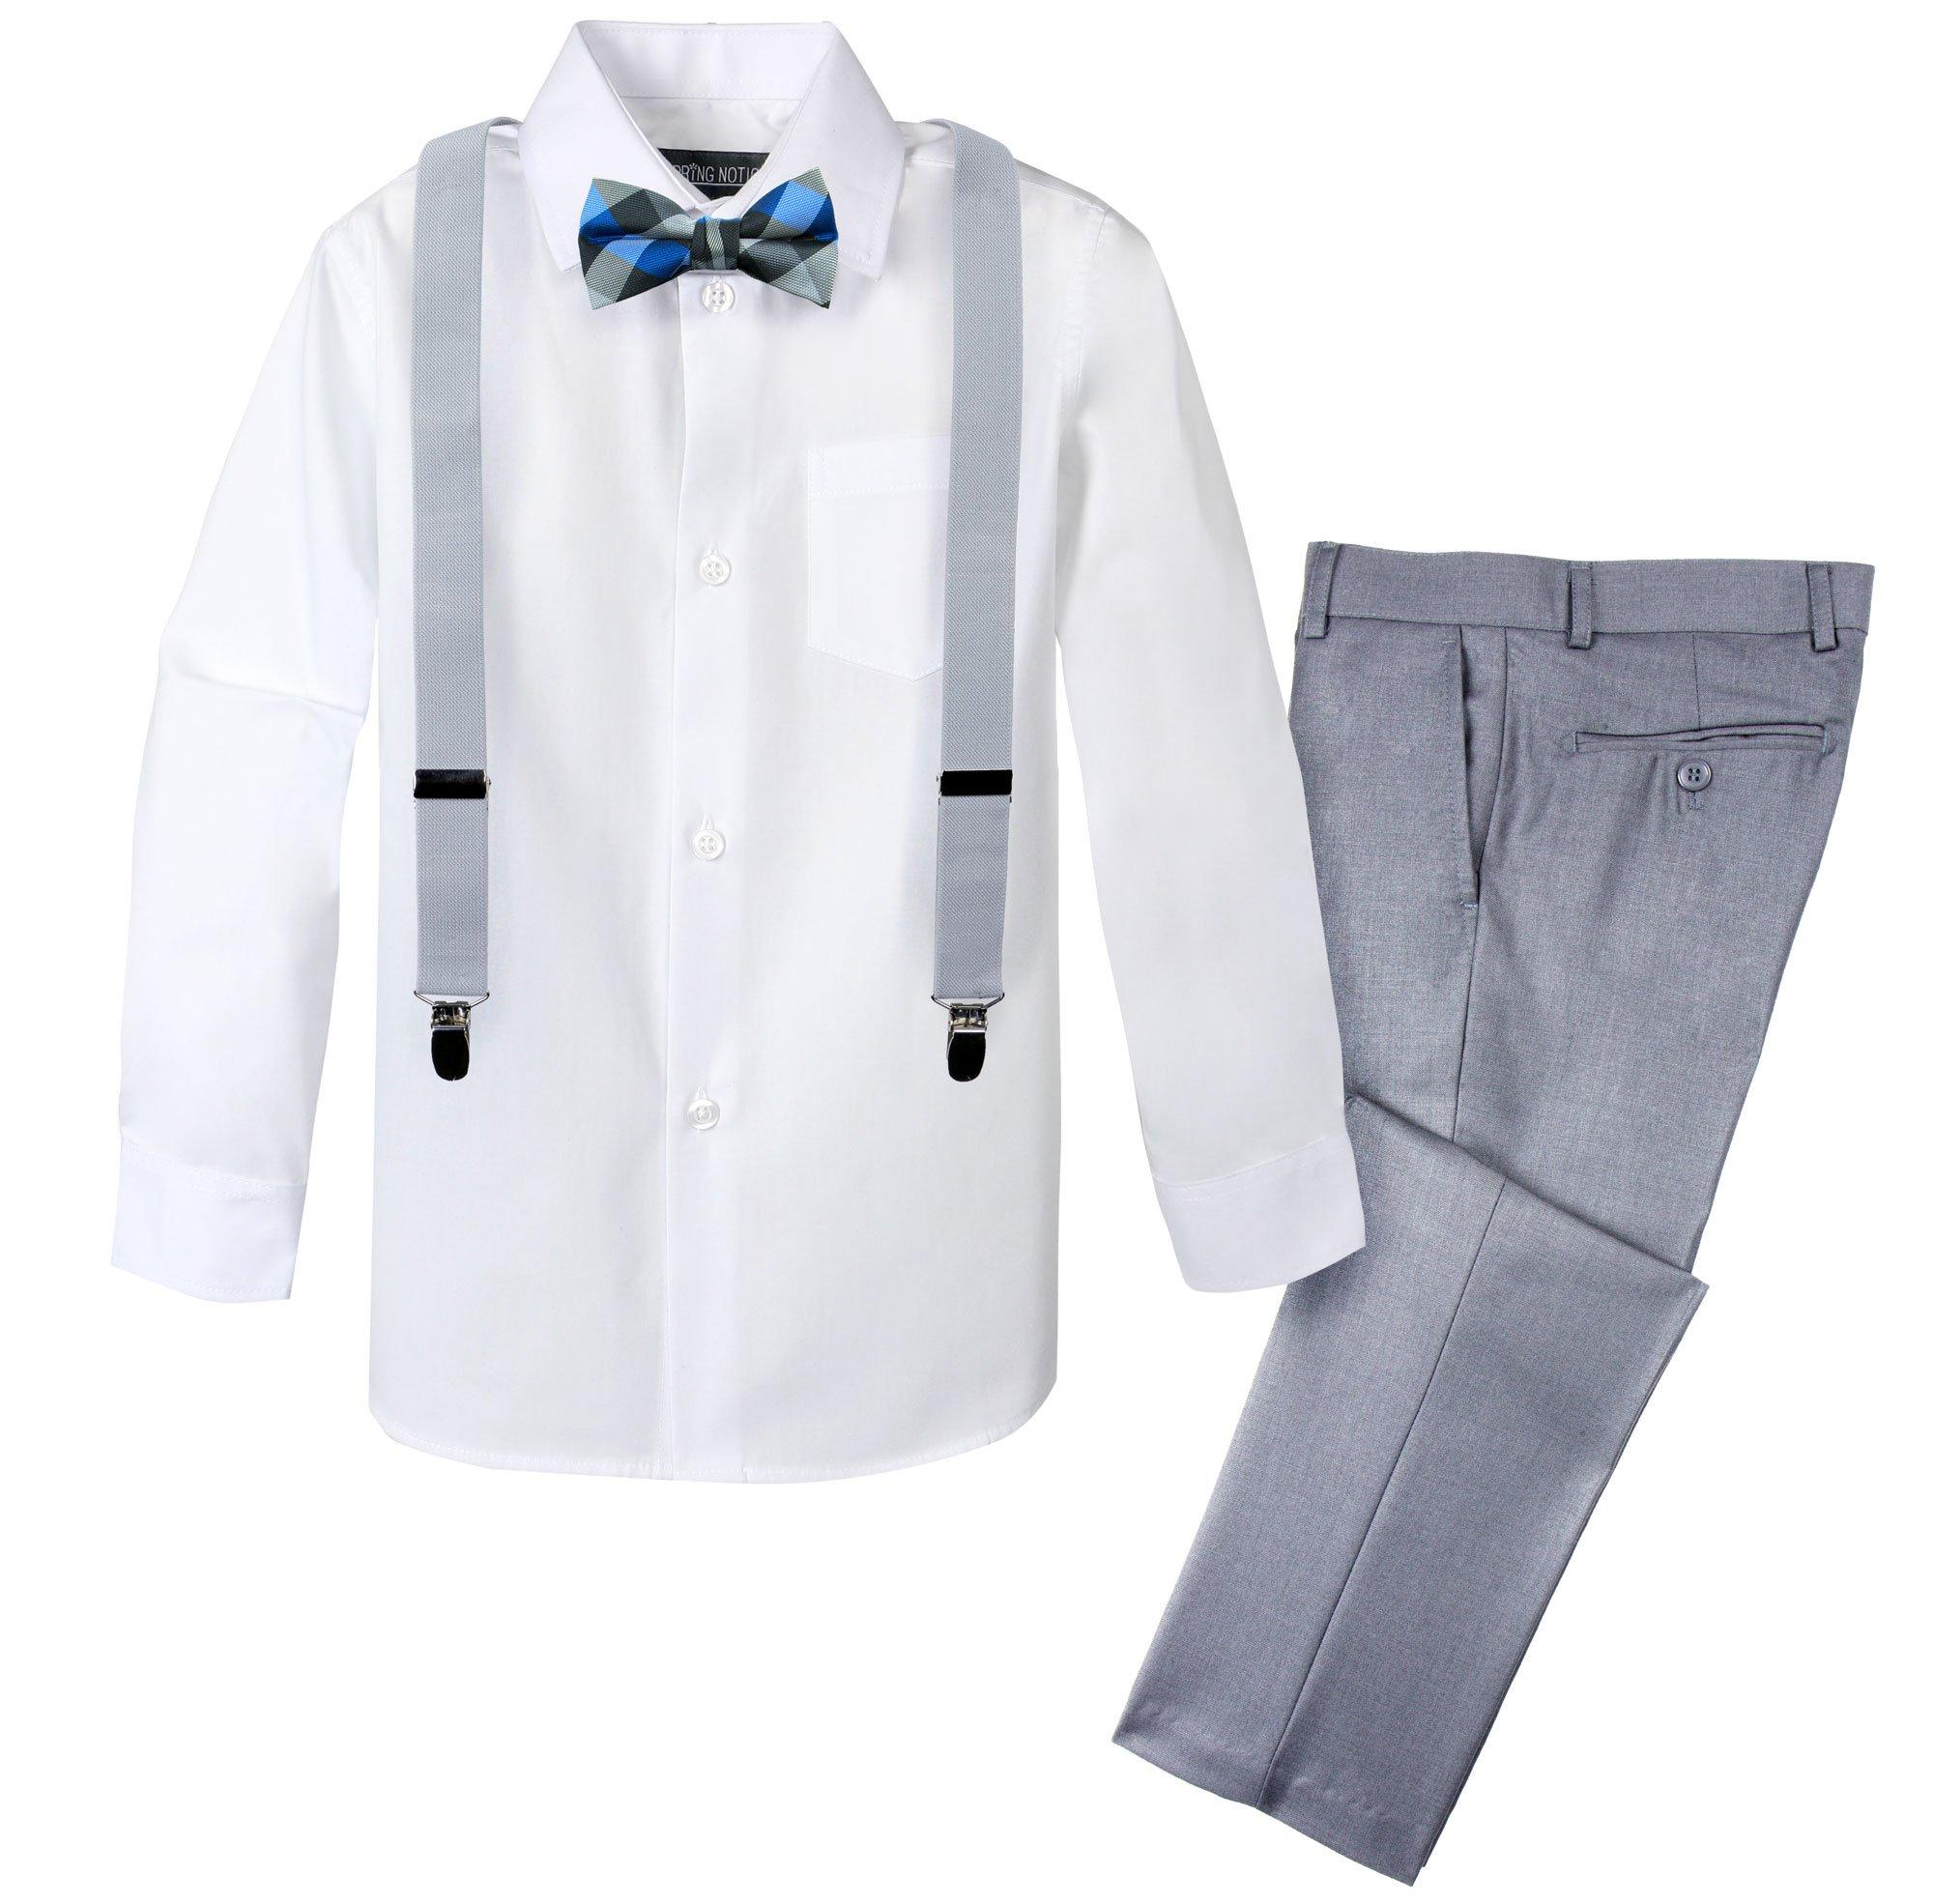 Spring Notion Boys' 4-Piece Patterned Dress up Pants Set 12 Light Grey/Silver